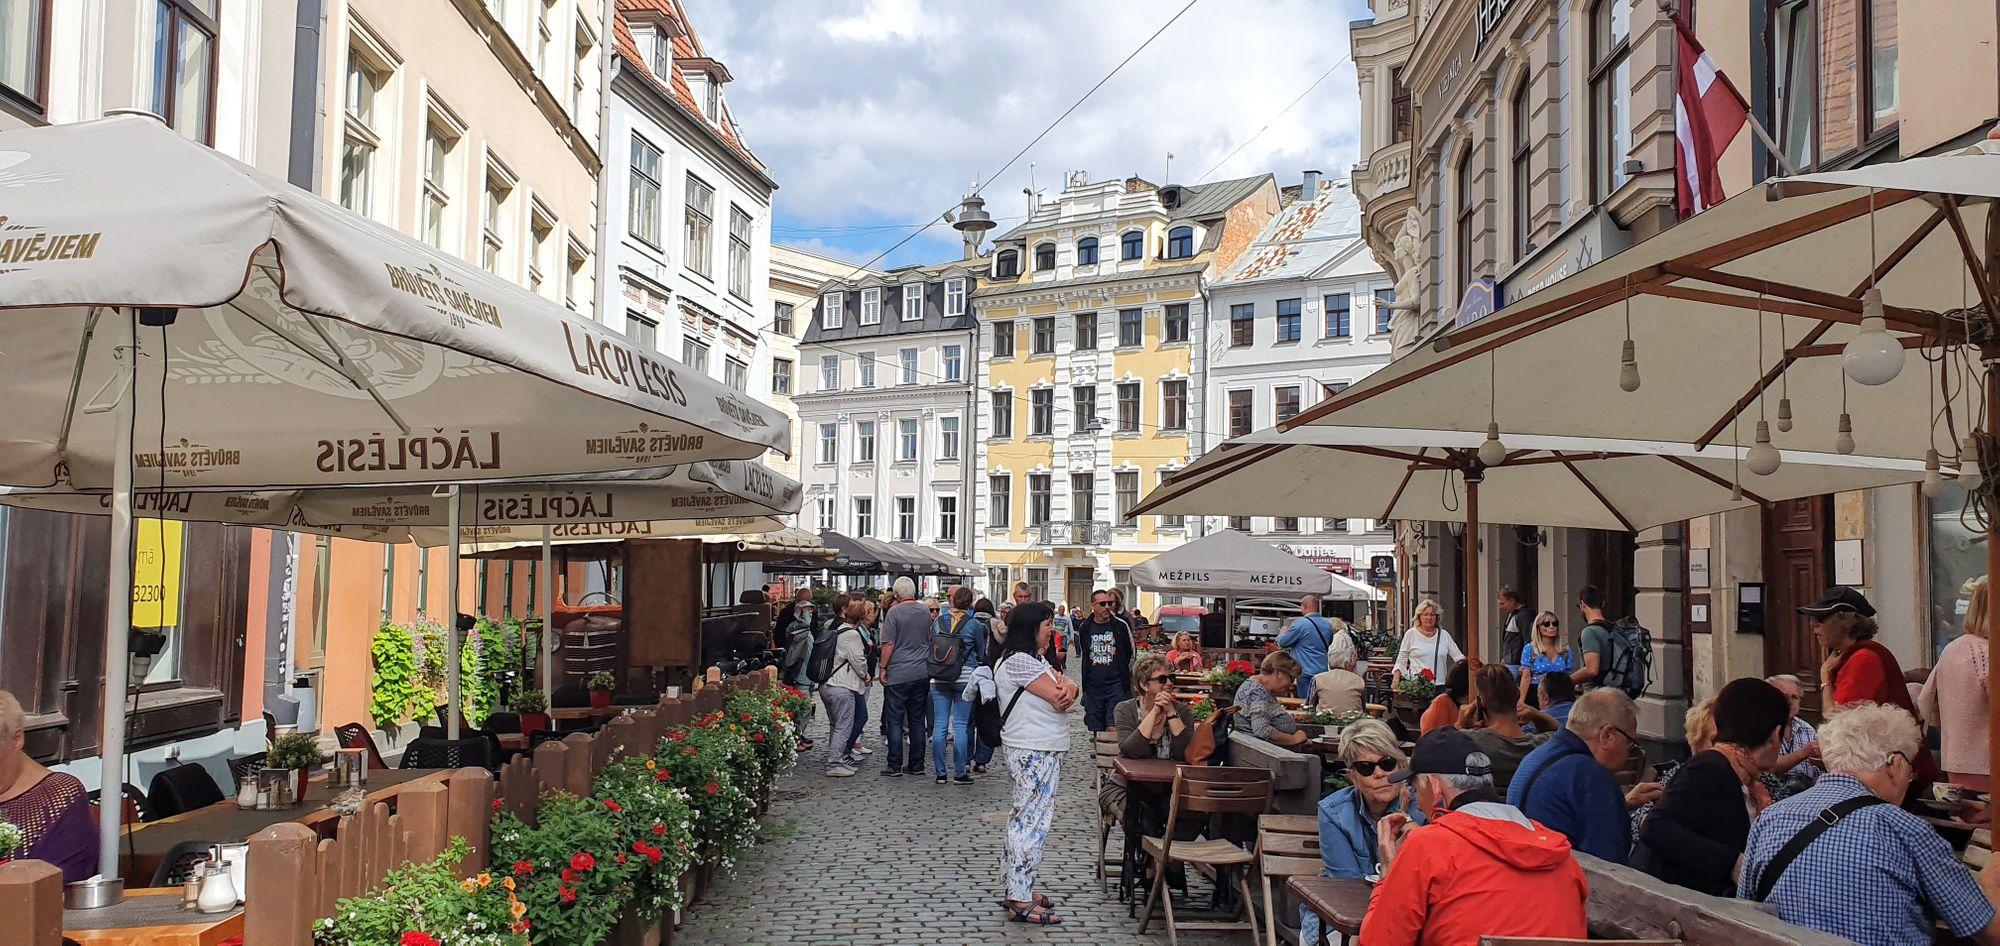 Las calles con encanto de Riga, Letonia